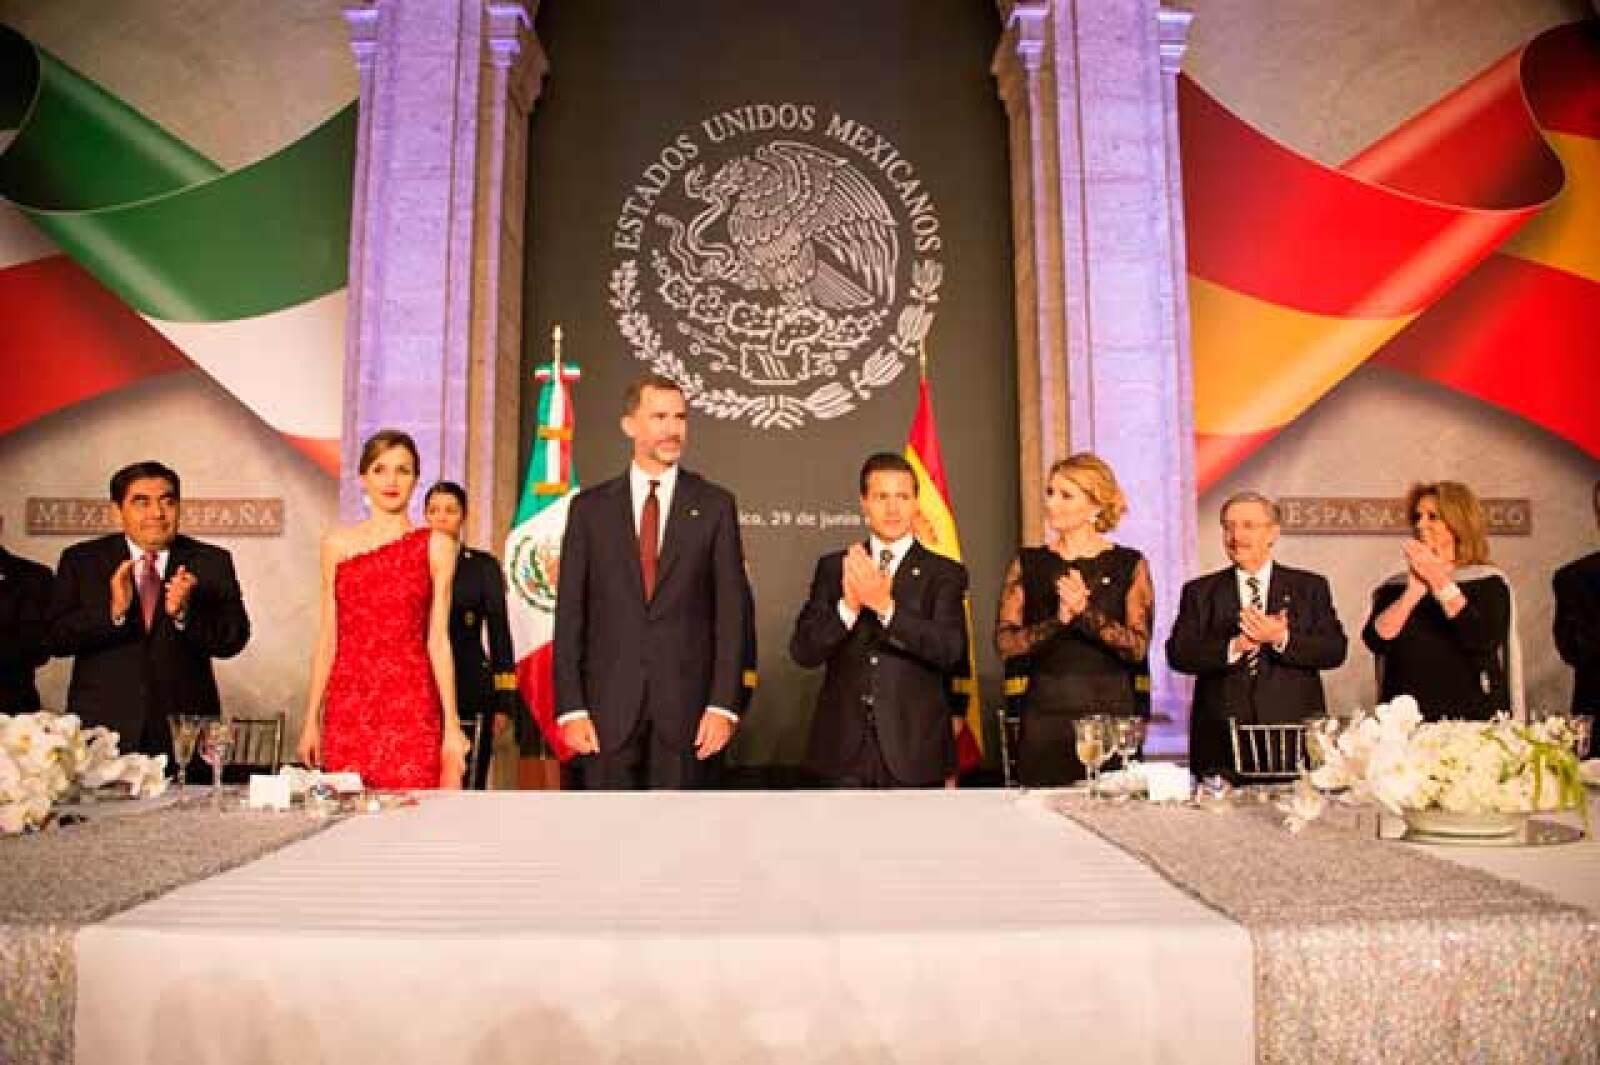 El mandatario mencionó que otorgó a los reyes de España la condecoración del Águila Azteca en su grado de collar, que es la máxima distinción que el país otorga a los extranjeros por sus prominentes servicios prestados a la nación mexicana o a la humanidad.